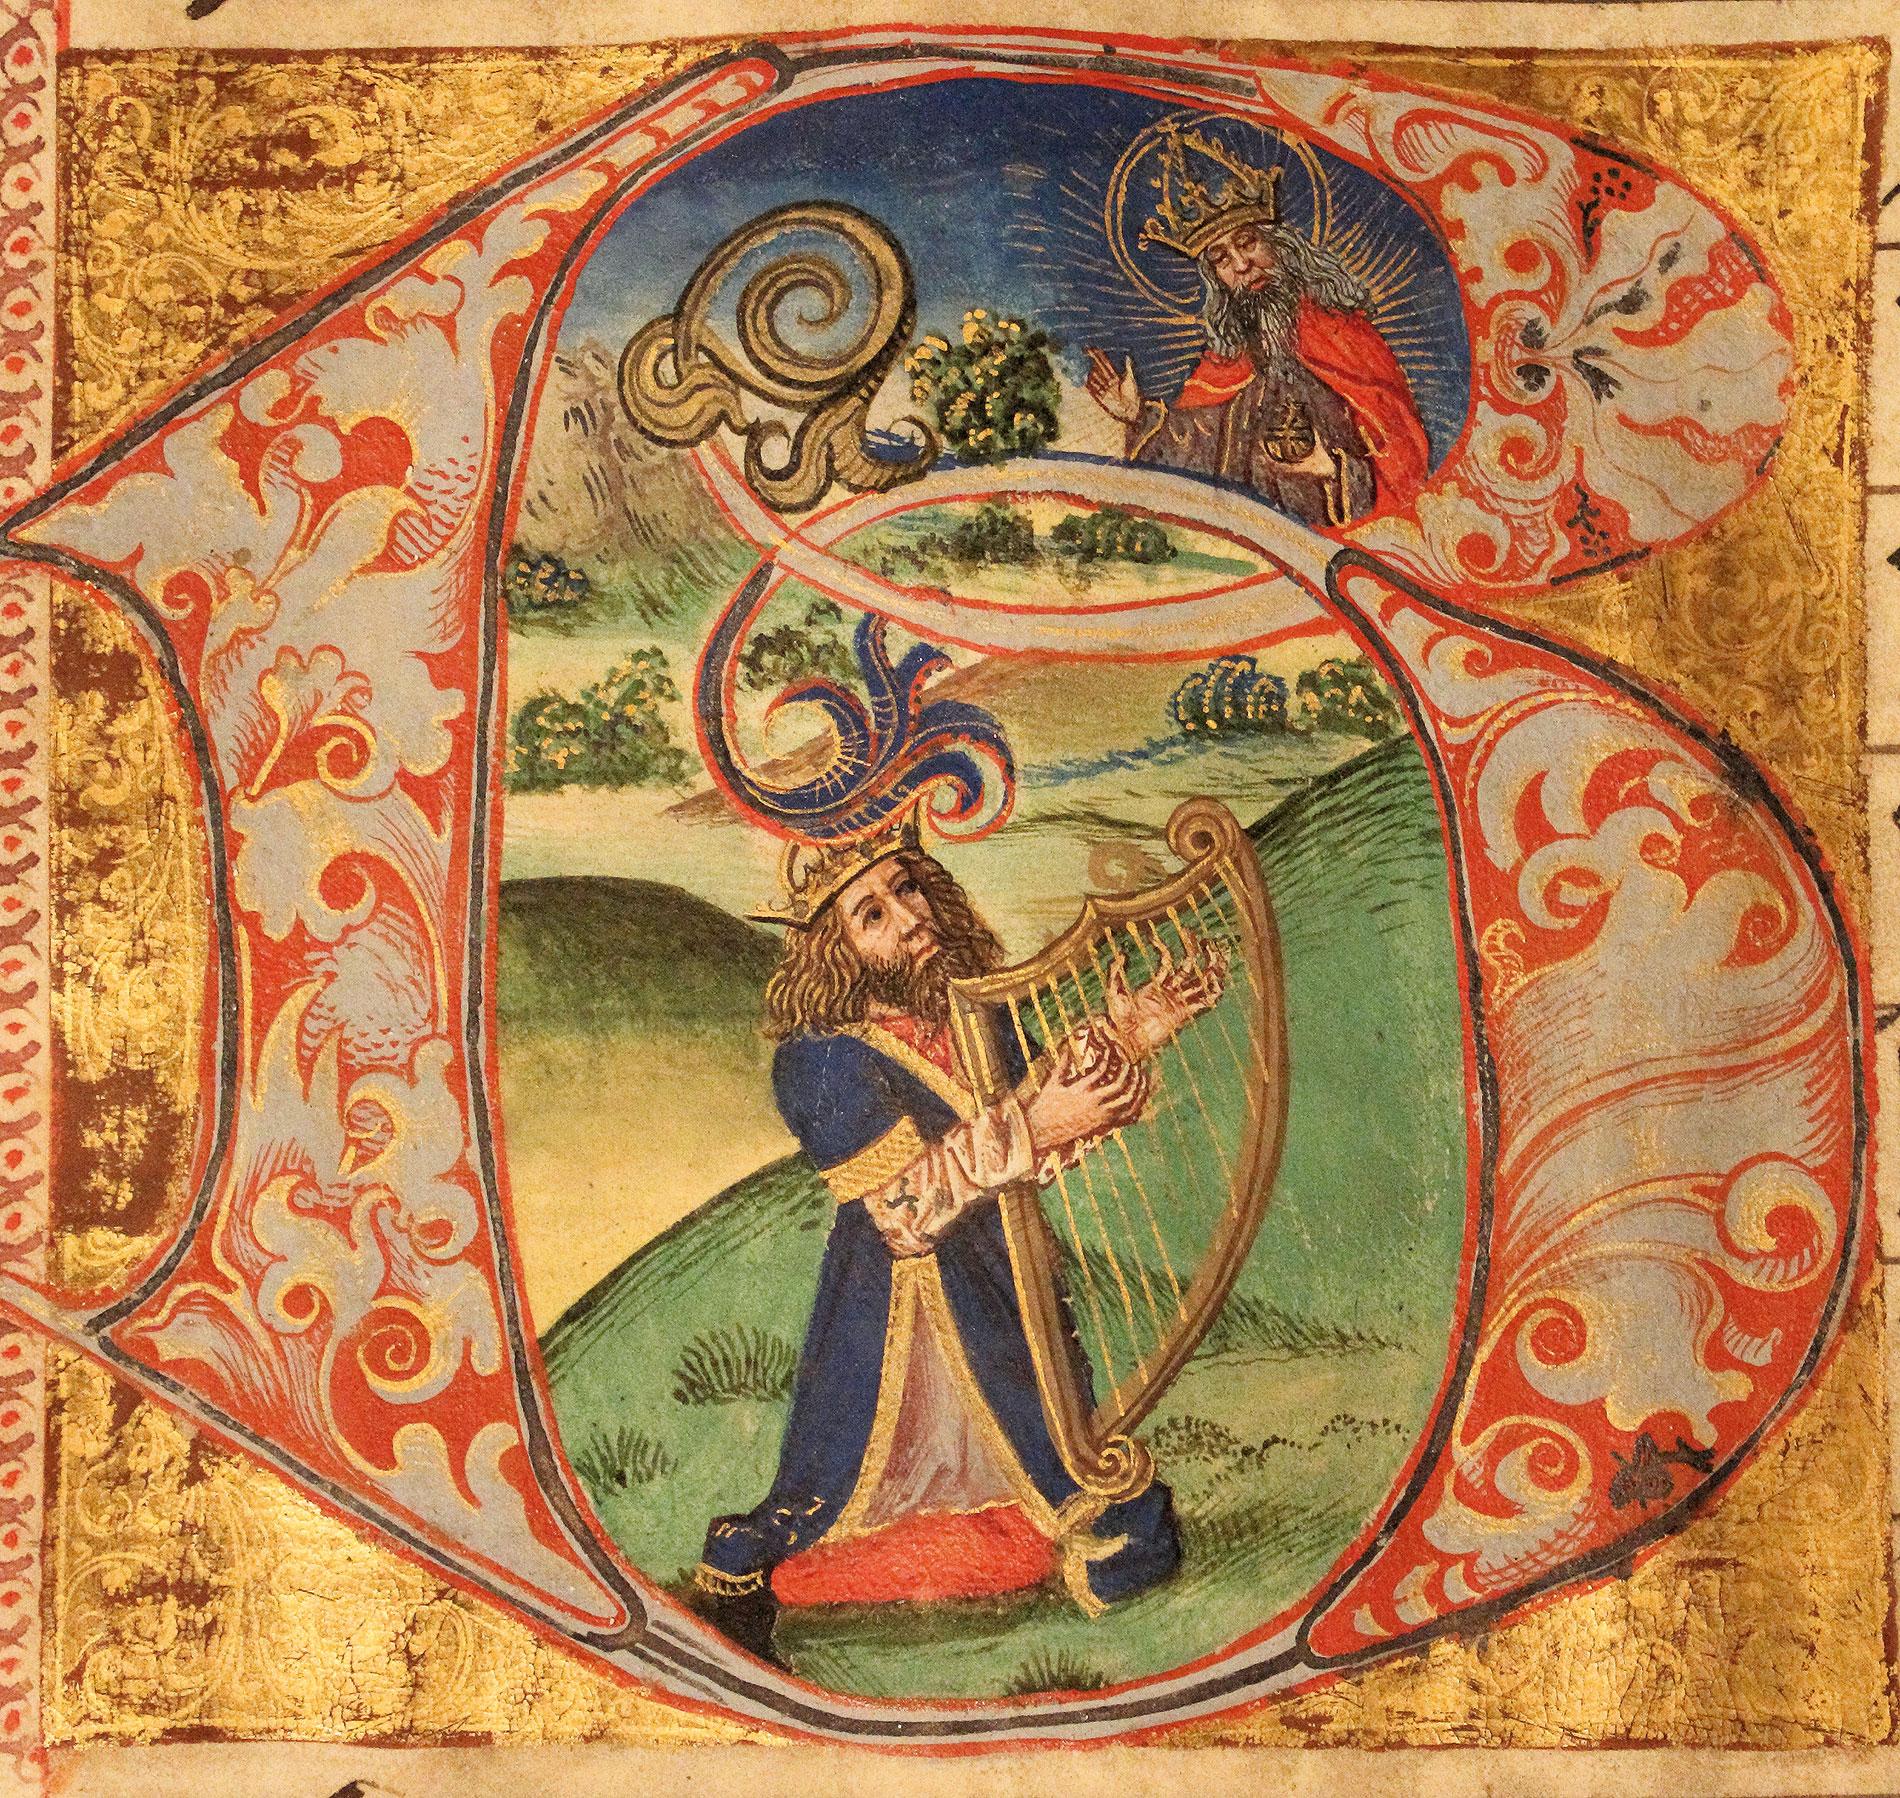 König David mit der Harfe. Miniatur aus dem Chorbuch II der Naumburger Domstiftsbibliothek, 15. Jh.; Domstiftsbibliothek Naumburg